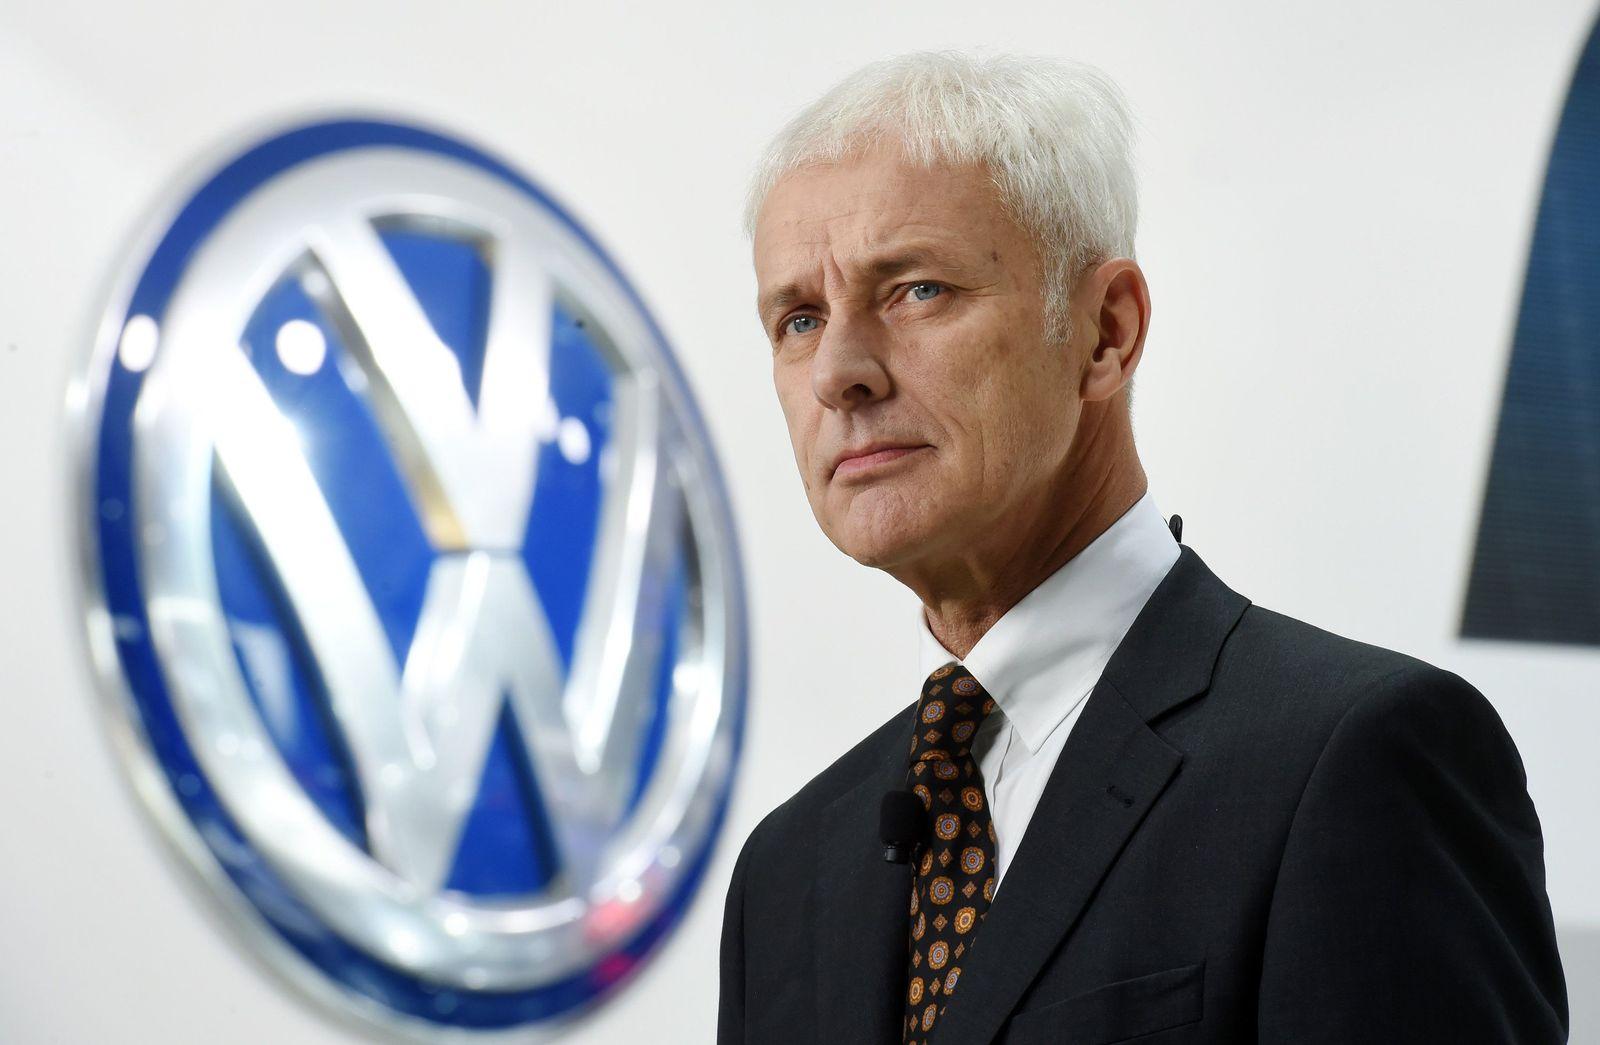 Matthias Müller / Volkswagen